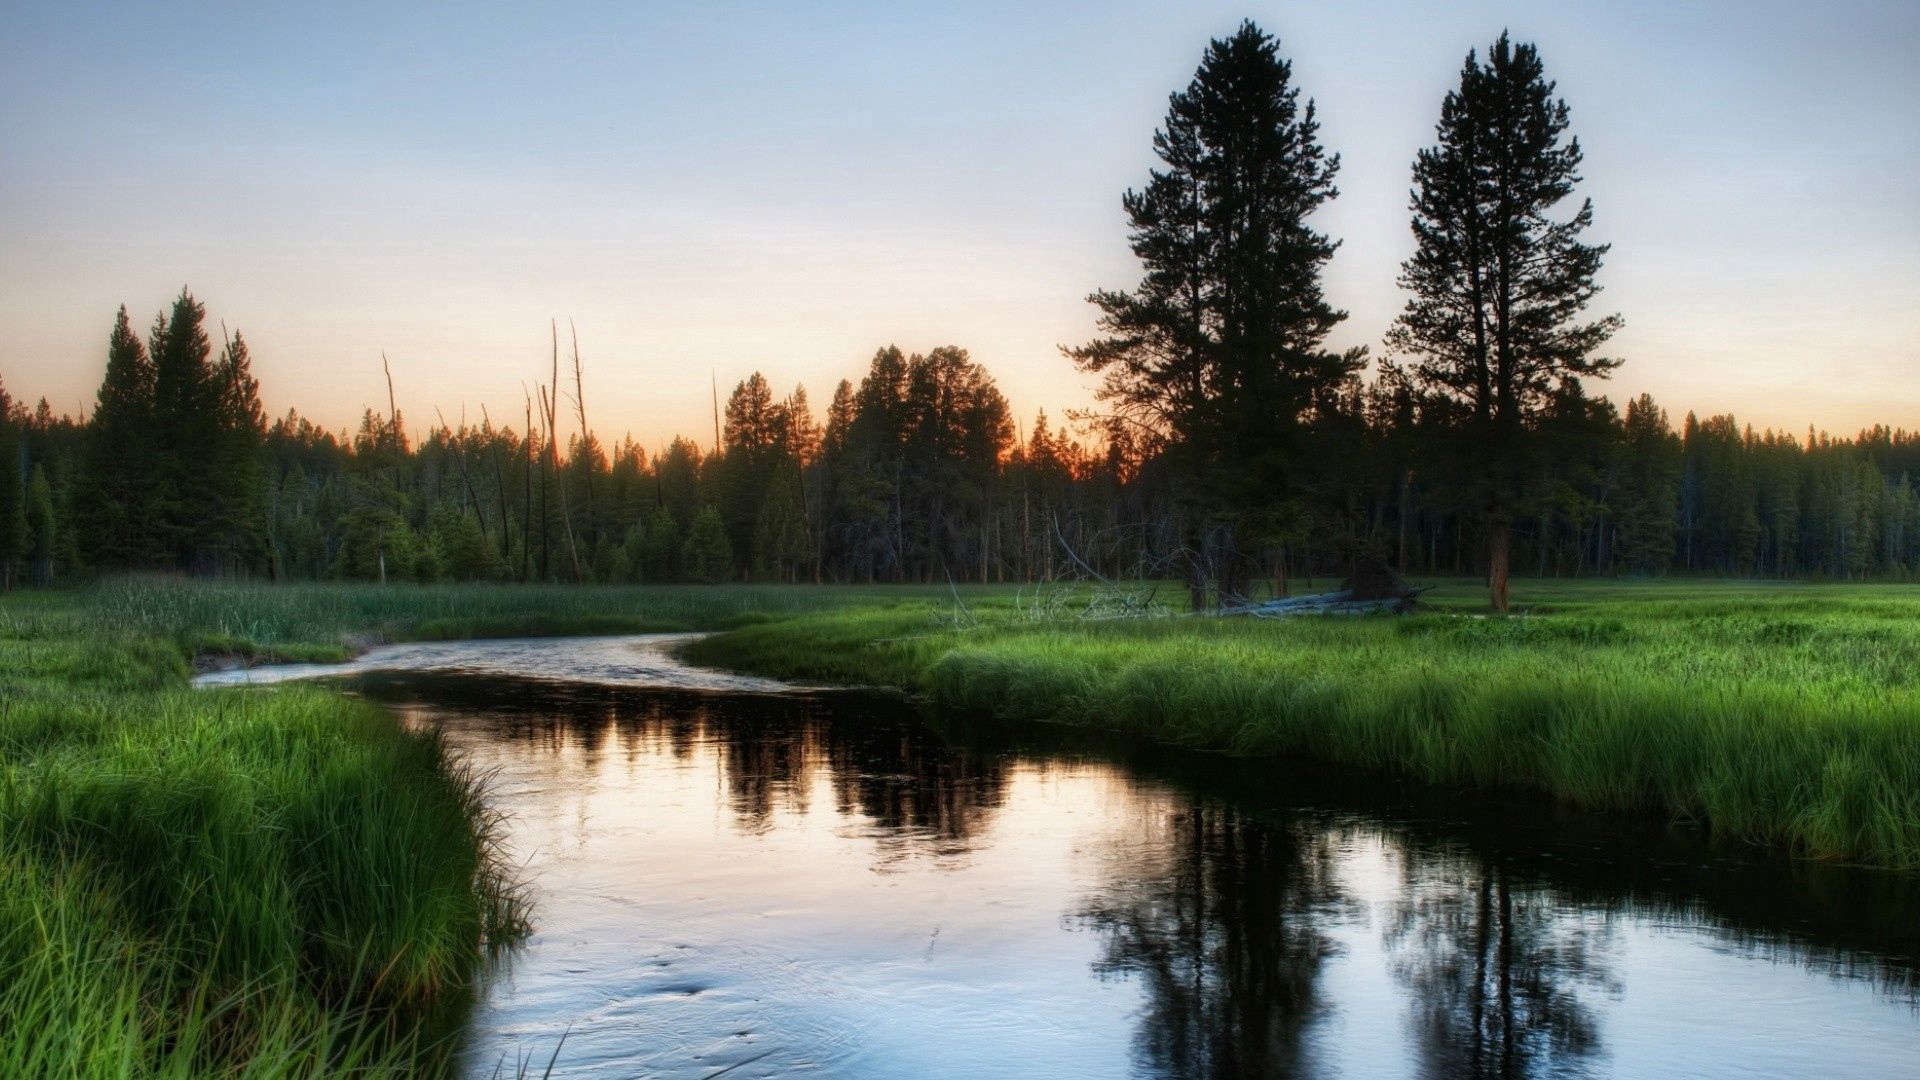 155359 скачать обои Деревья, Река, Природа, Трава, Вечер - заставки и картинки бесплатно